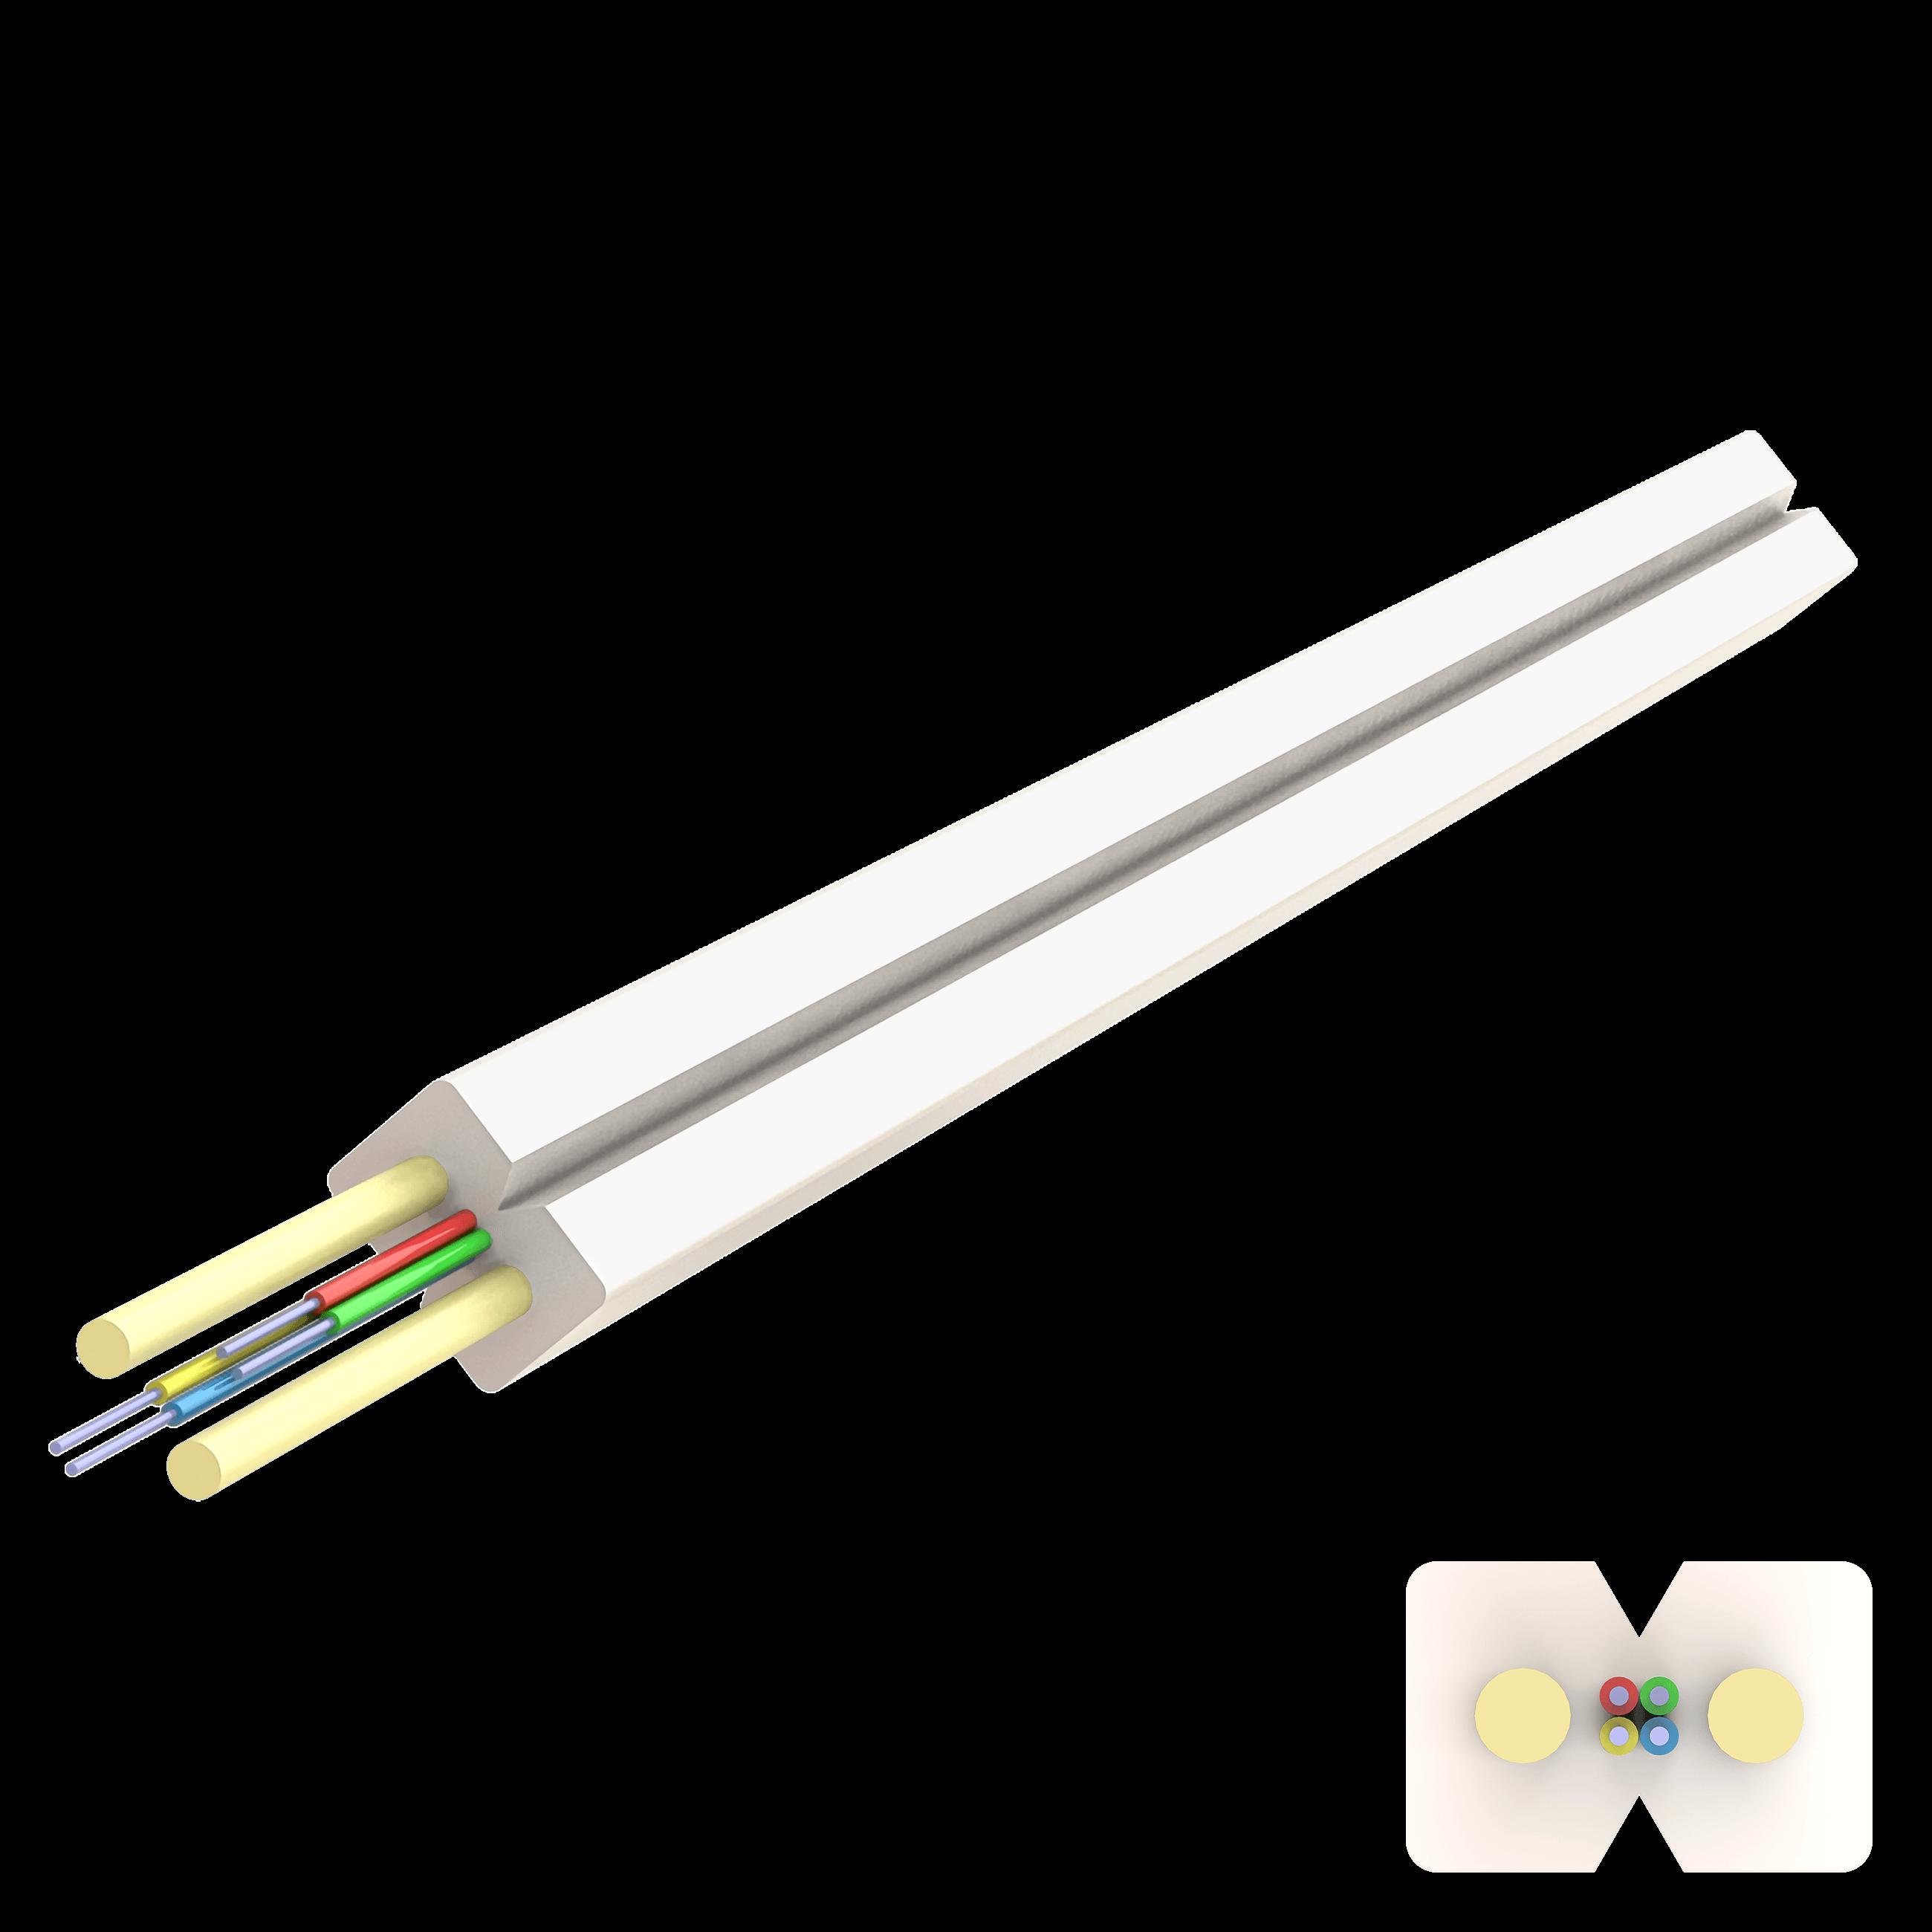 Samm Teknoloji - Flat Drop FRP Kablo 2.0x3.0mm | U-N(ZM)H | Up to 4F | 1000 metre (1)